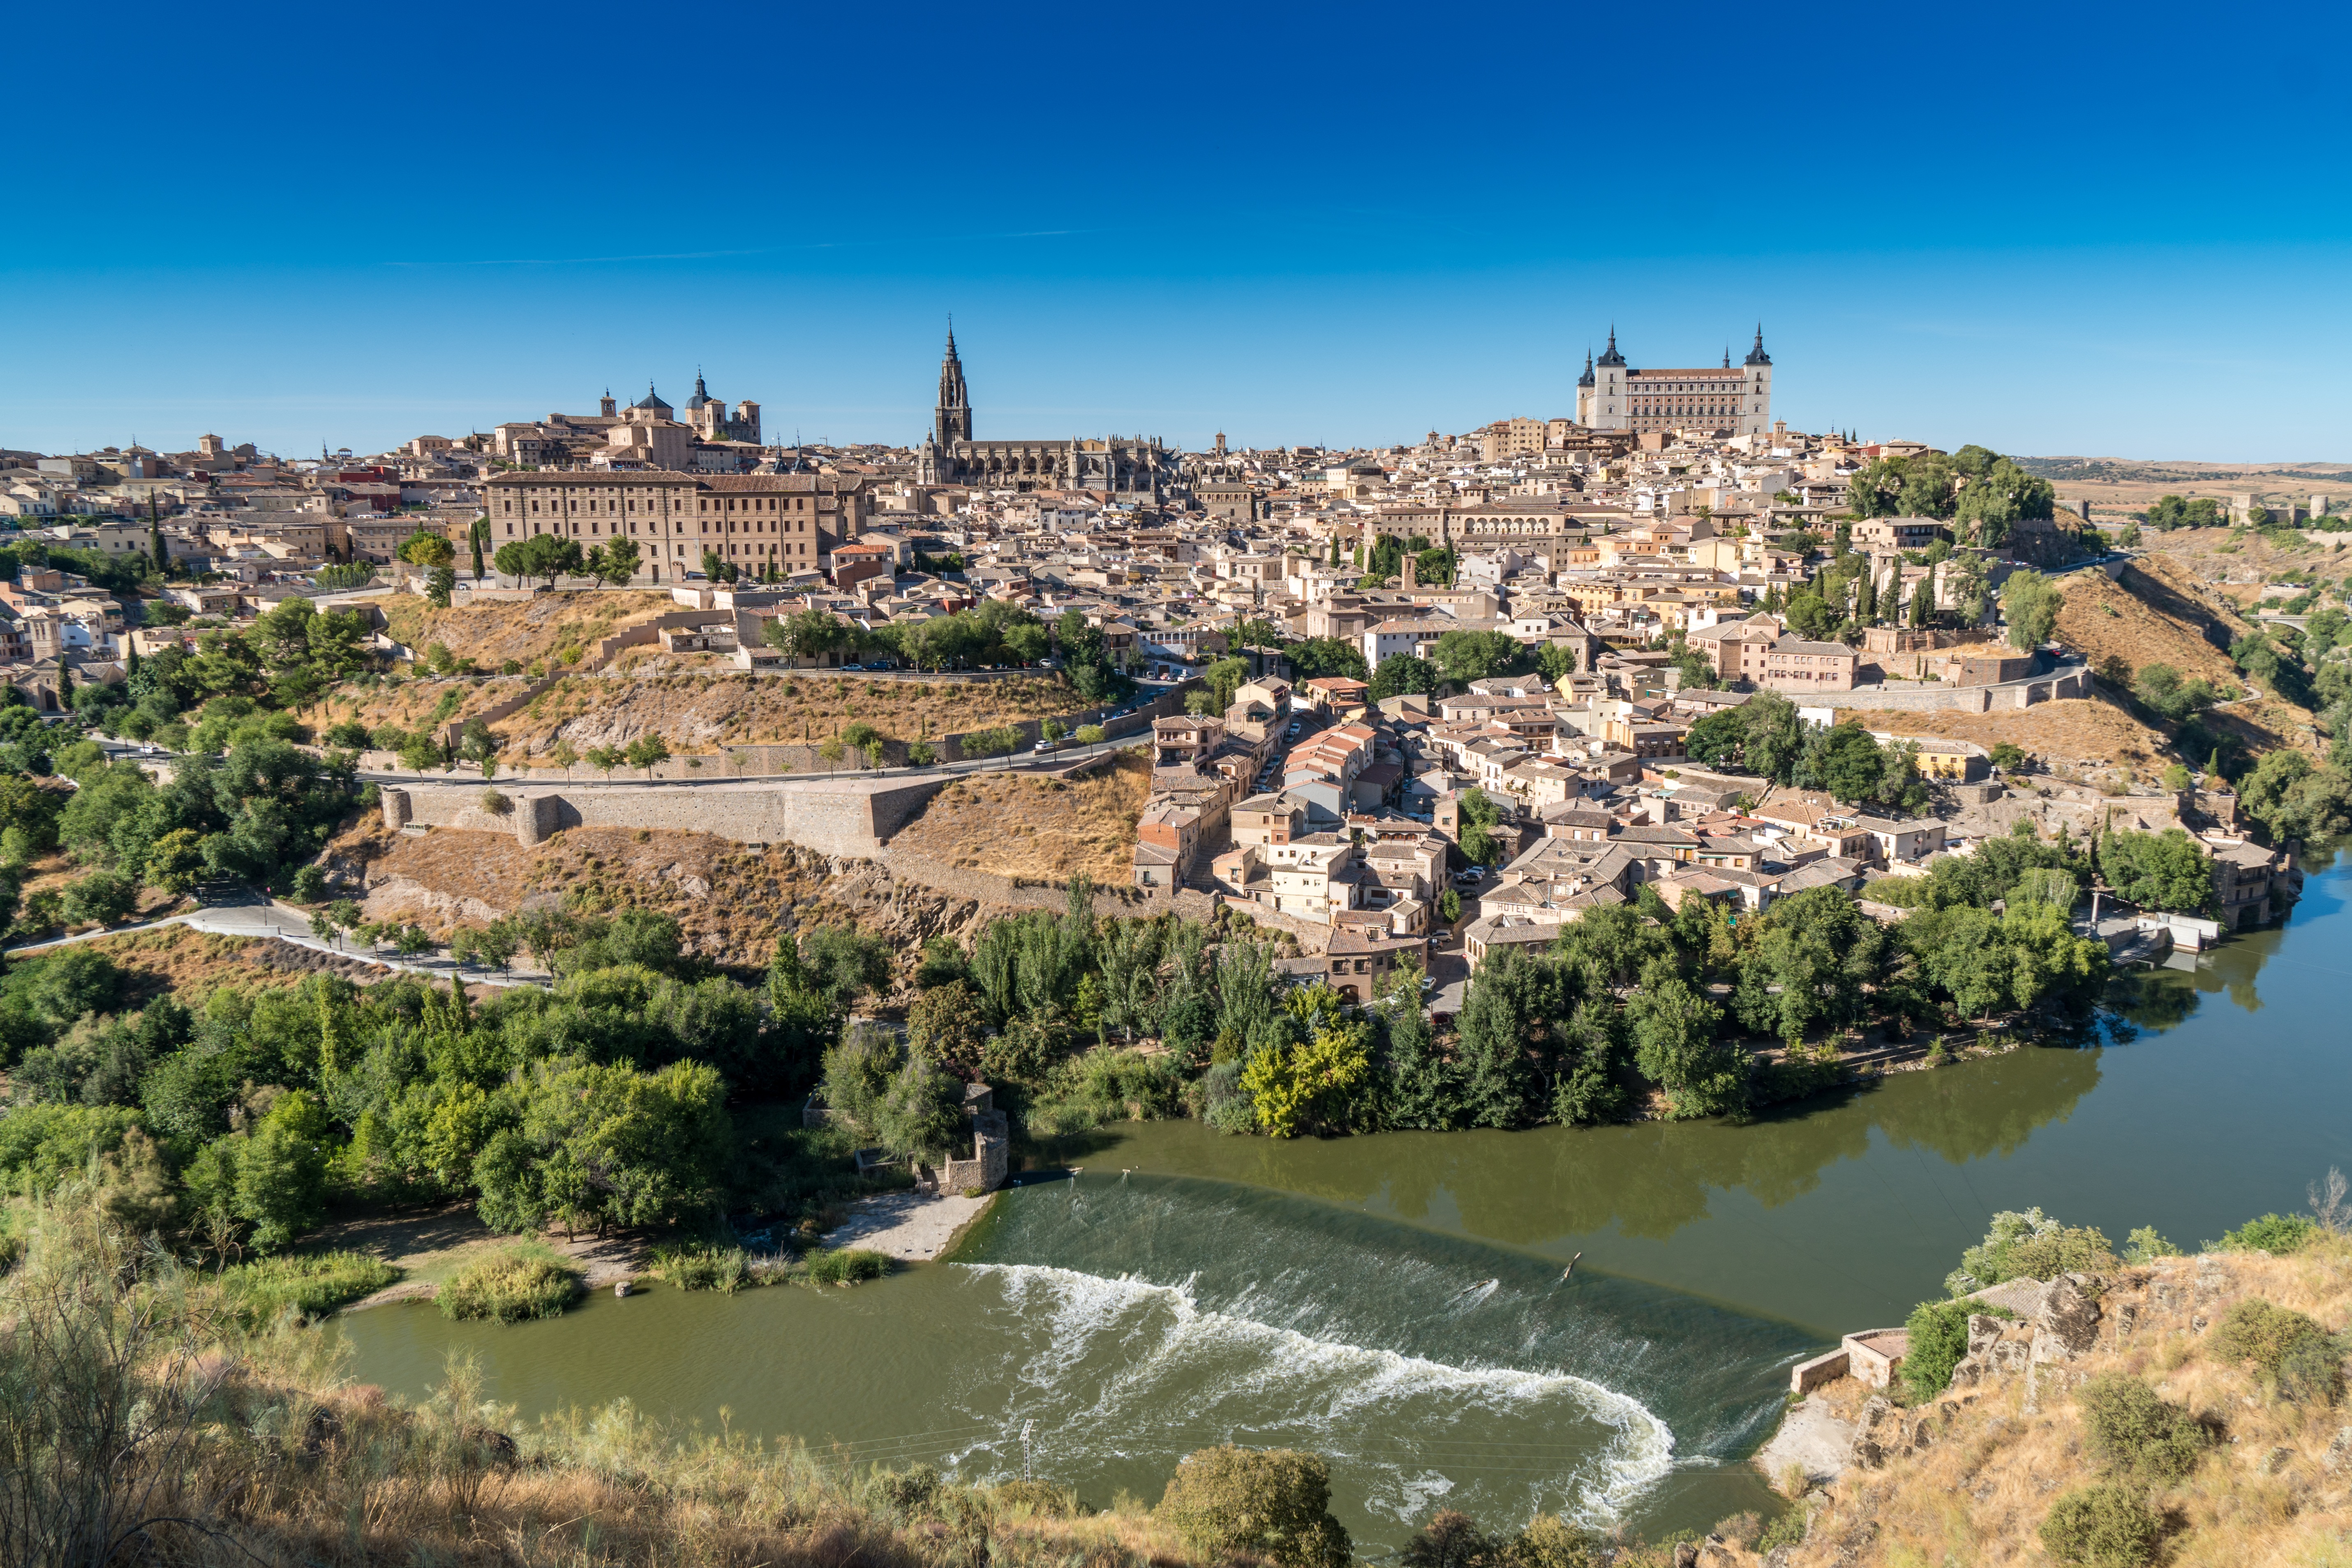 Historic city of Toledo